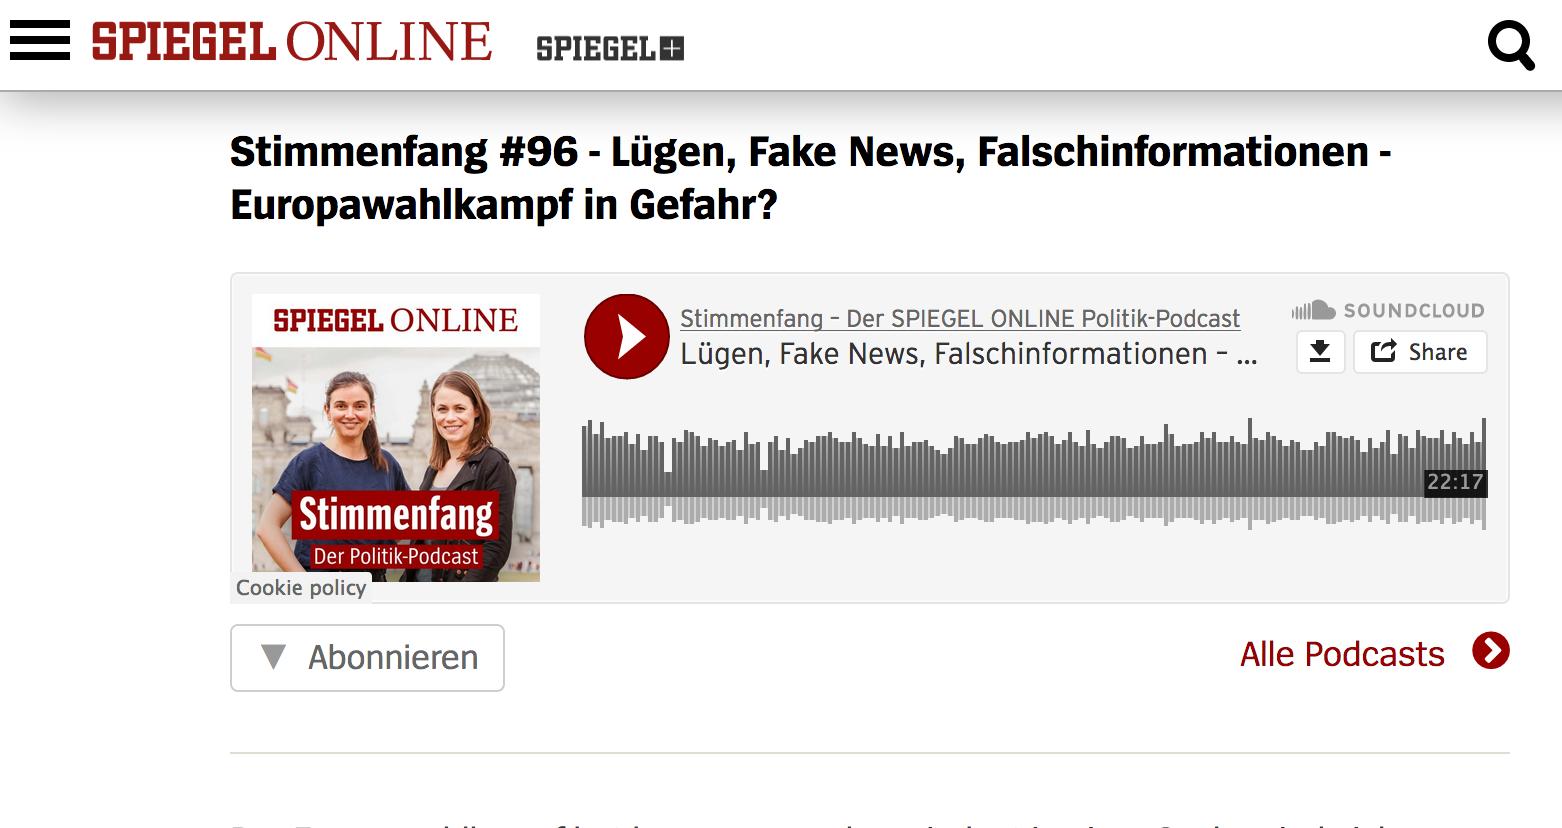 Der Spiegel: Lügen, Fake News, Falschinformationen – Europawahlkampf in Gefahr?